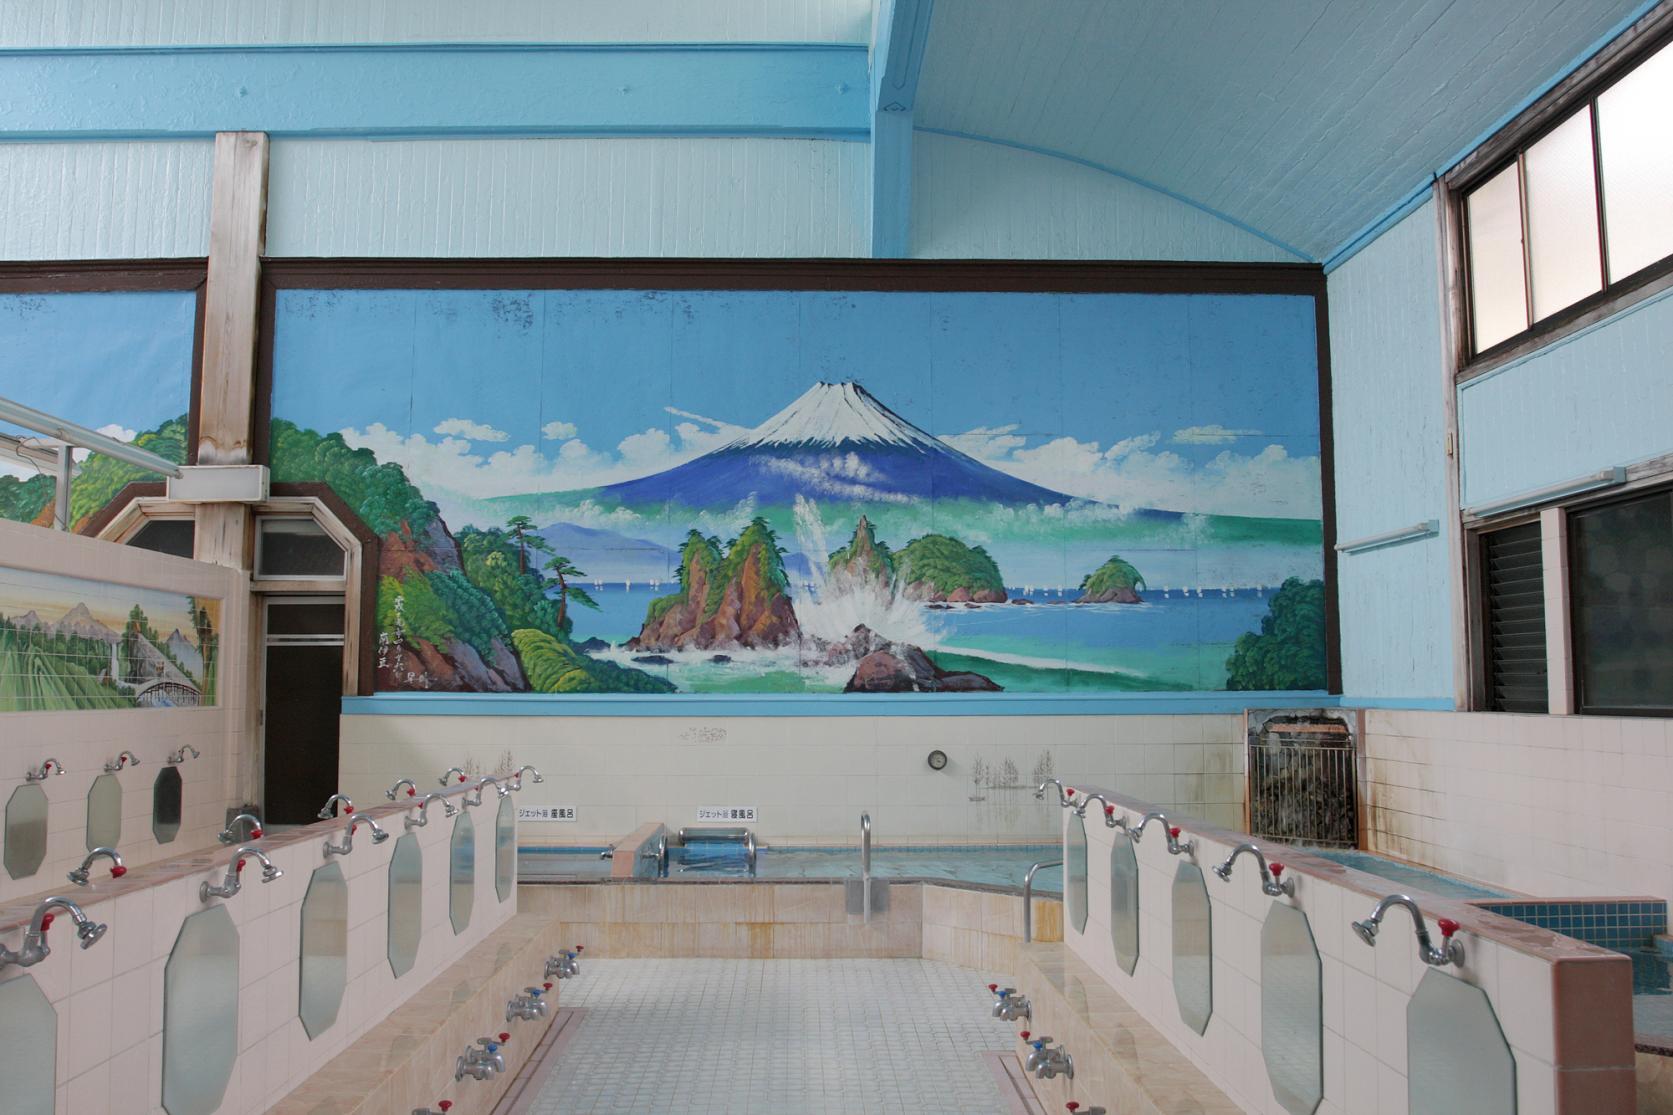 公共浴场的热水也是温泉-1